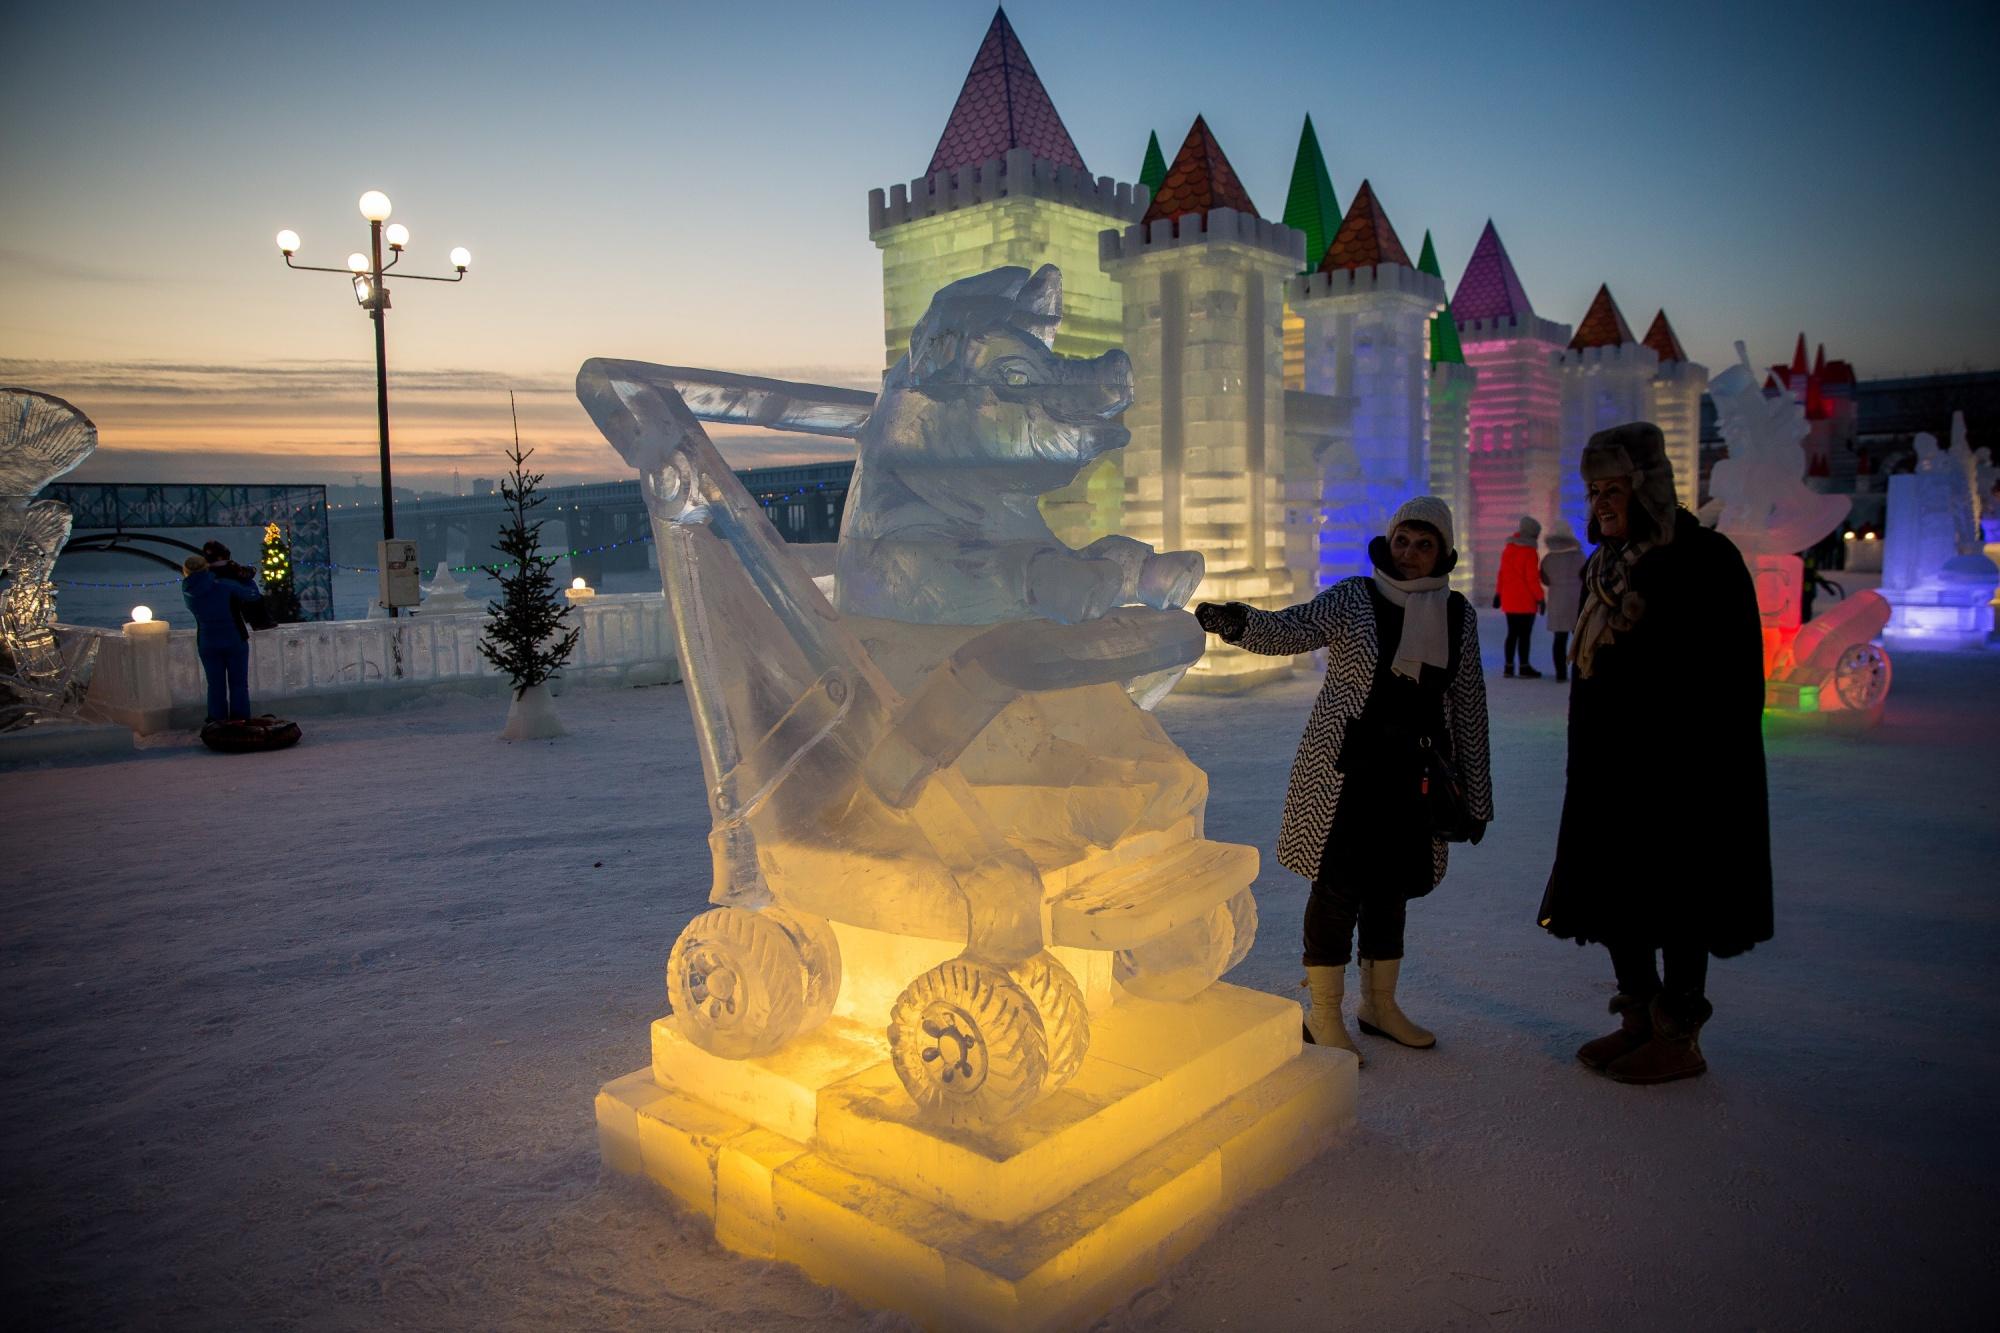 С личными ледянками нельзя: фоторепортаж НГС из нового снежного городка на набережной